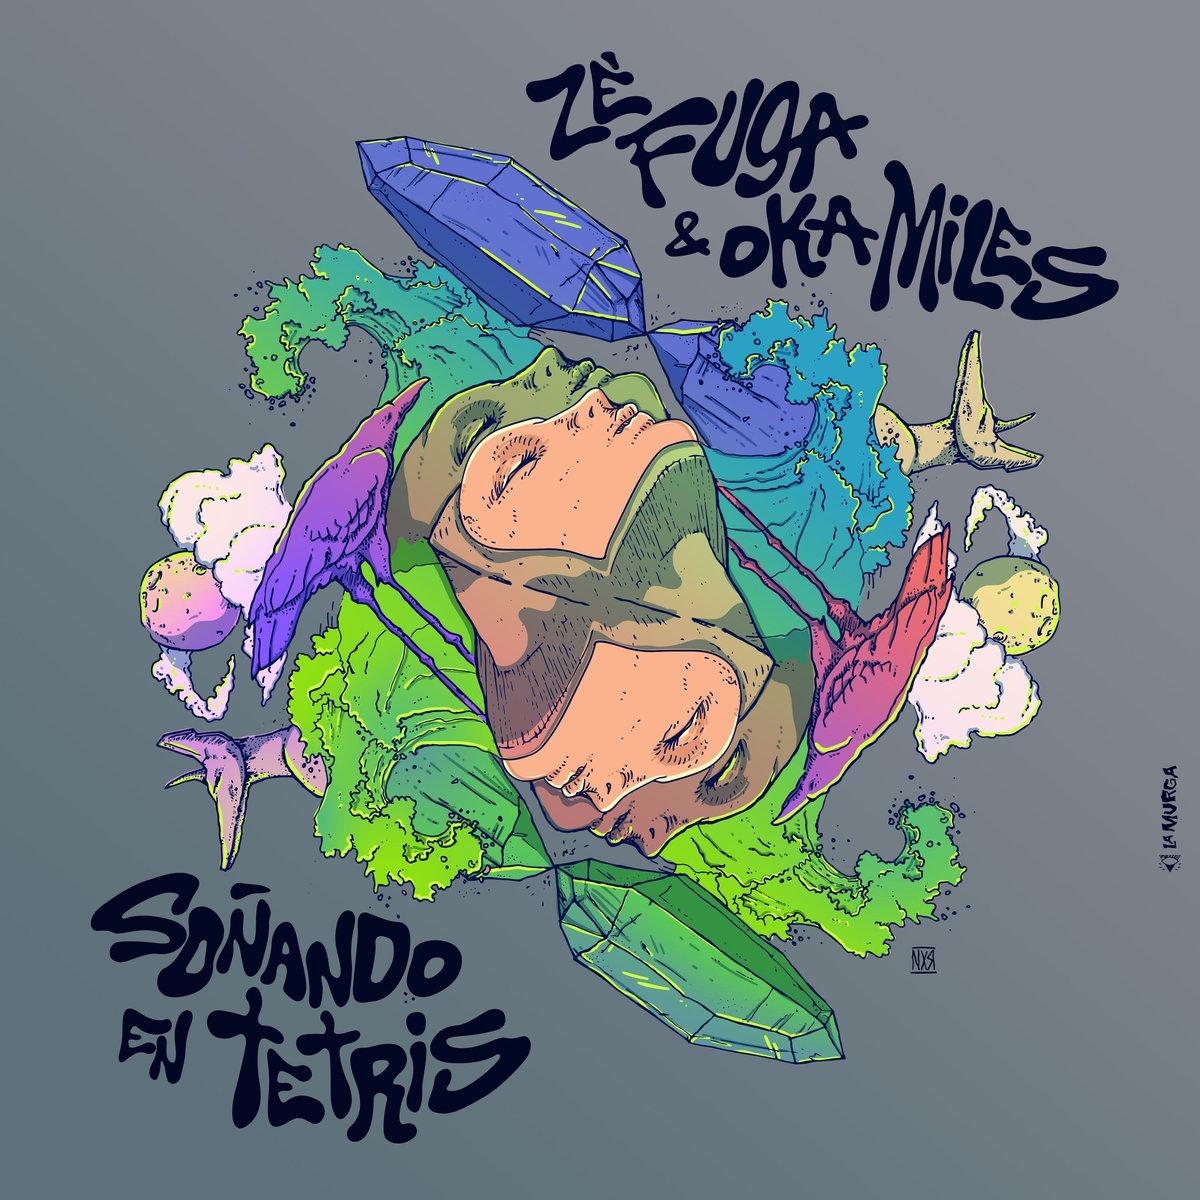 So_ando_en_tetris_oka_miles___z__fuga